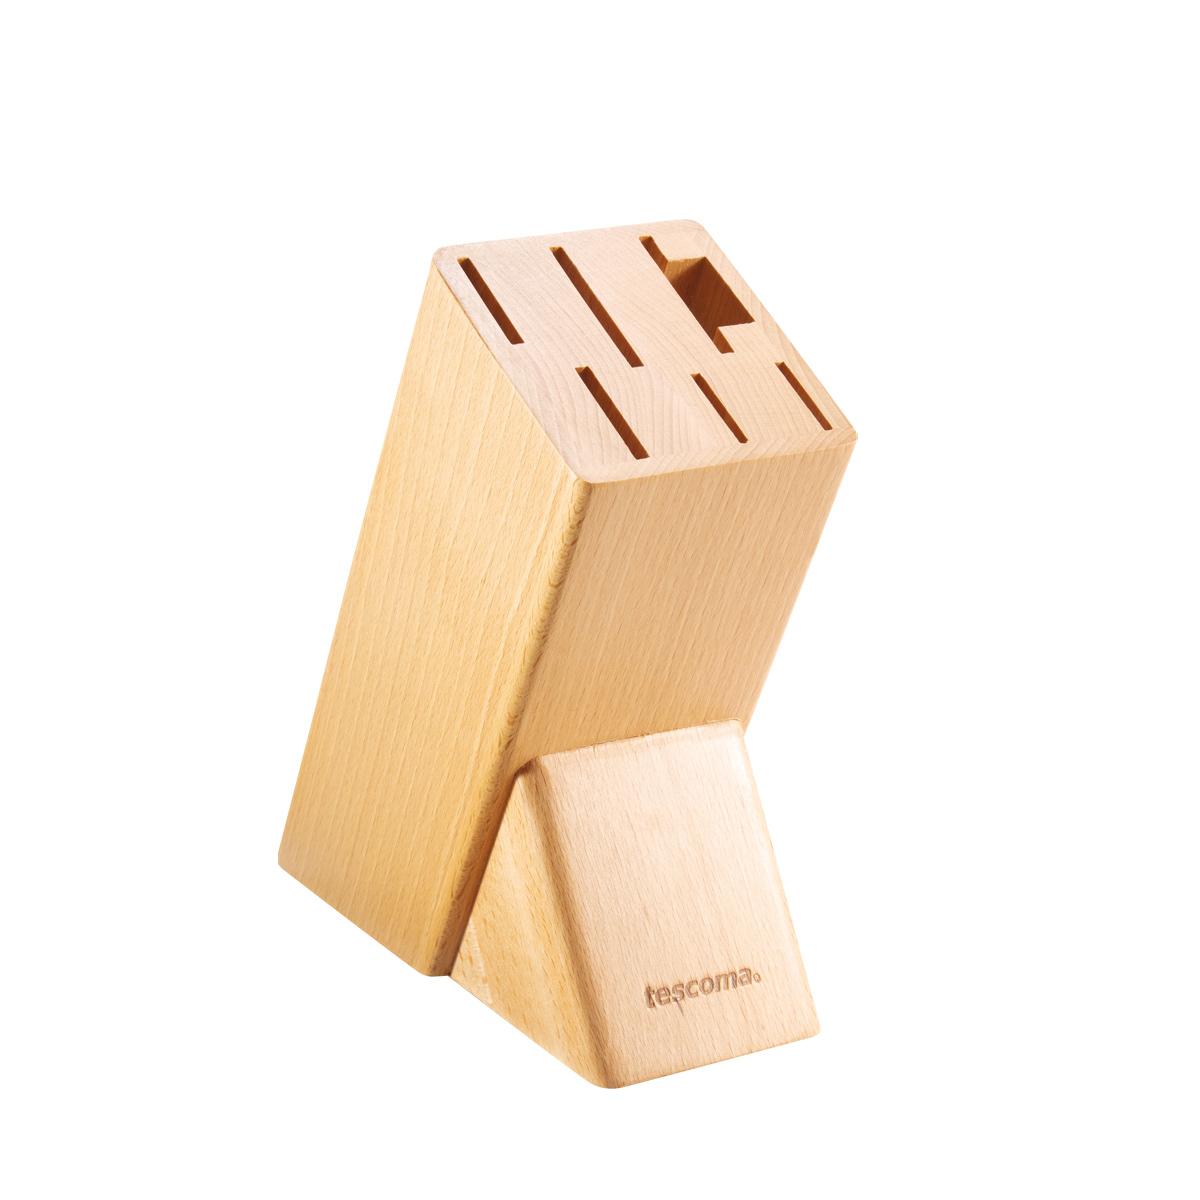 Blok NOBLESSE pro 6 nožů, nůžky na drůbež / ocílku